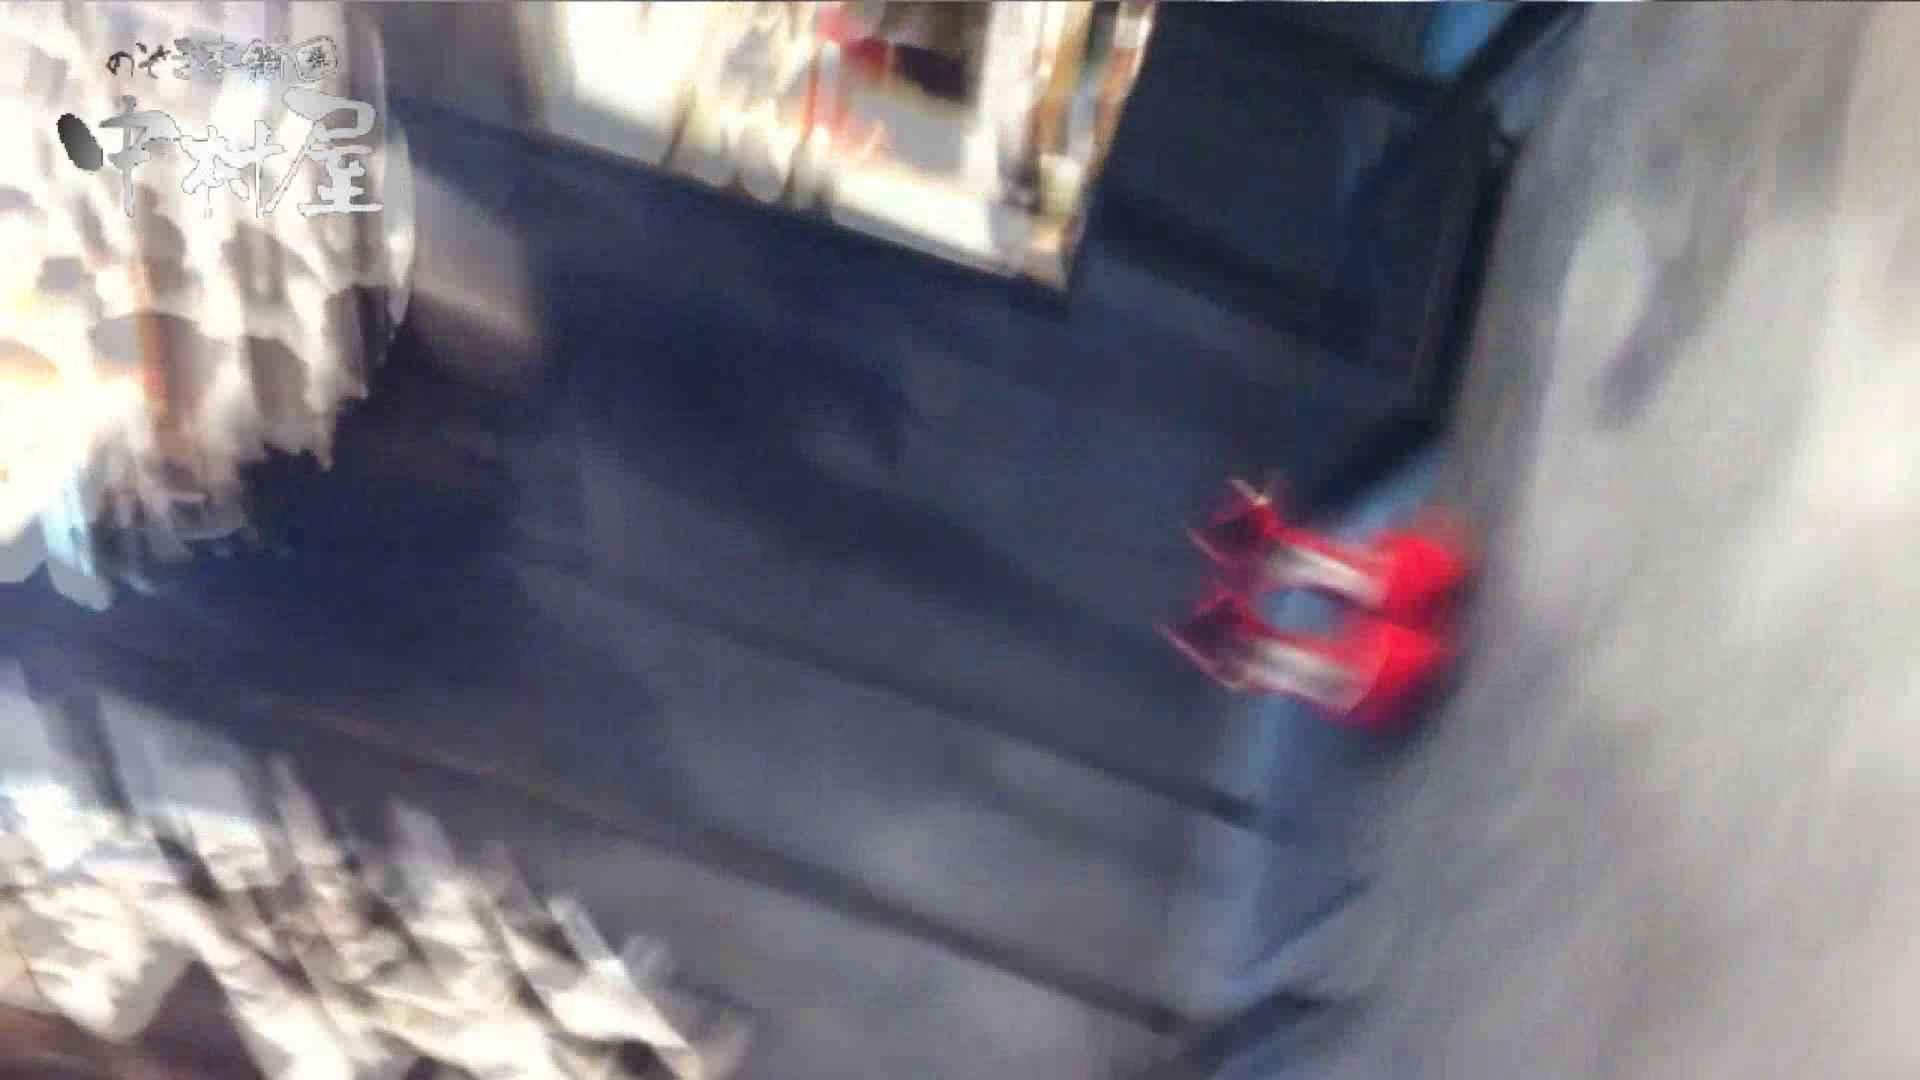 vol.48可愛いカリスマ店員胸チラ&パンチラ アニメ声の店員さん 胸チラ 盗撮AV動画キャプチャ 110画像 94